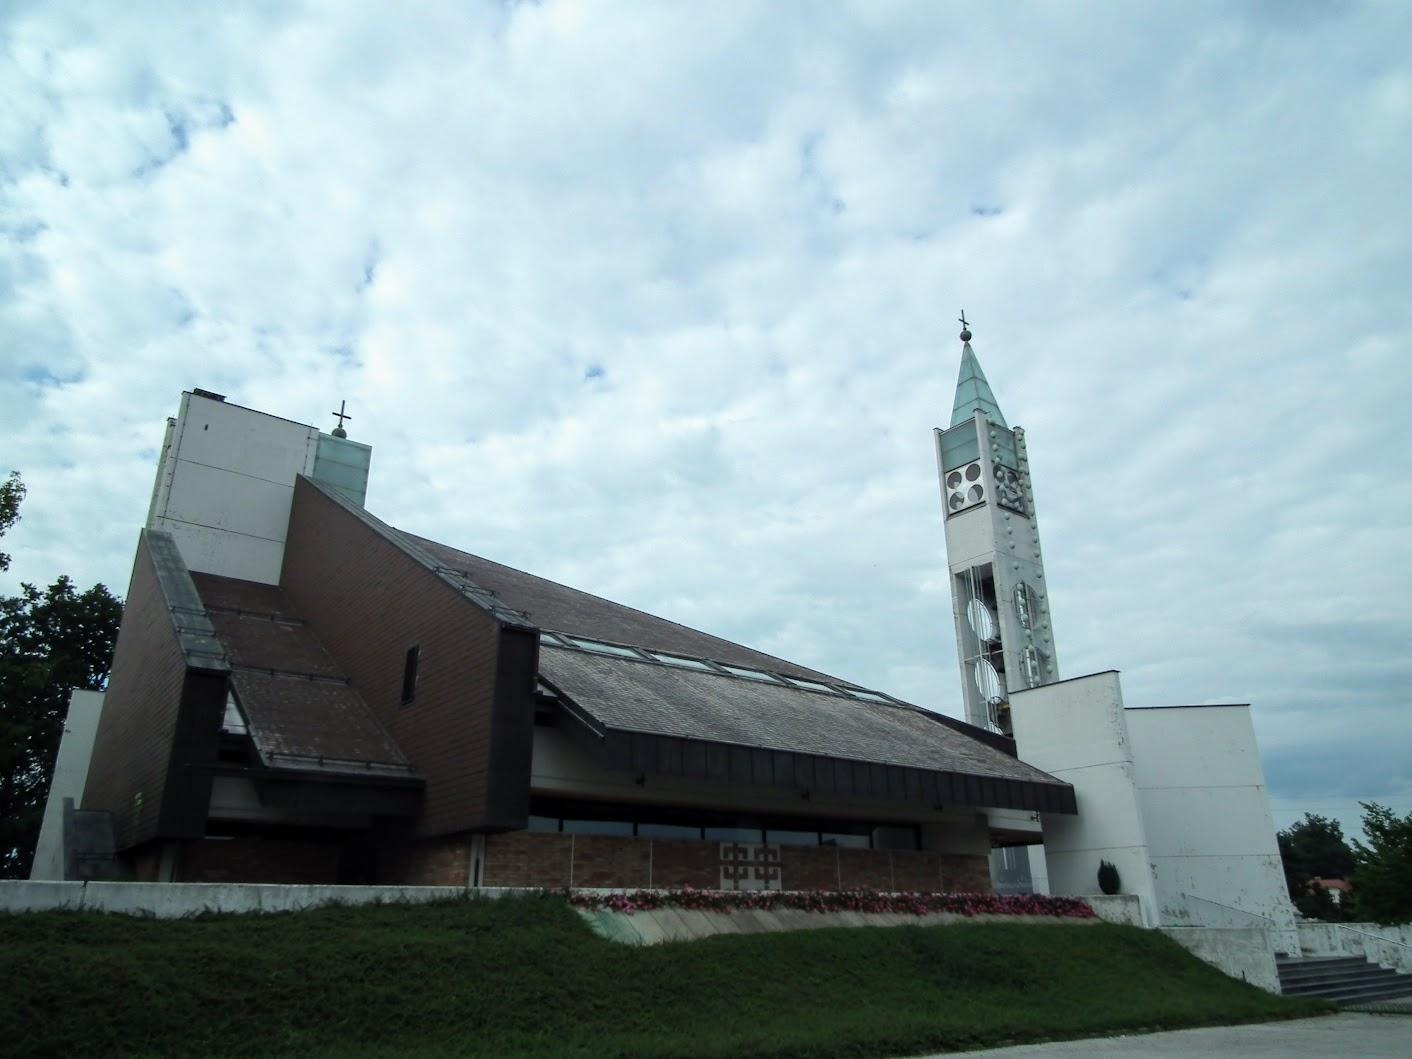 Radenci - cerkev sv. Cirila in Metoda (Szent Cirill és Metód rk. templom)